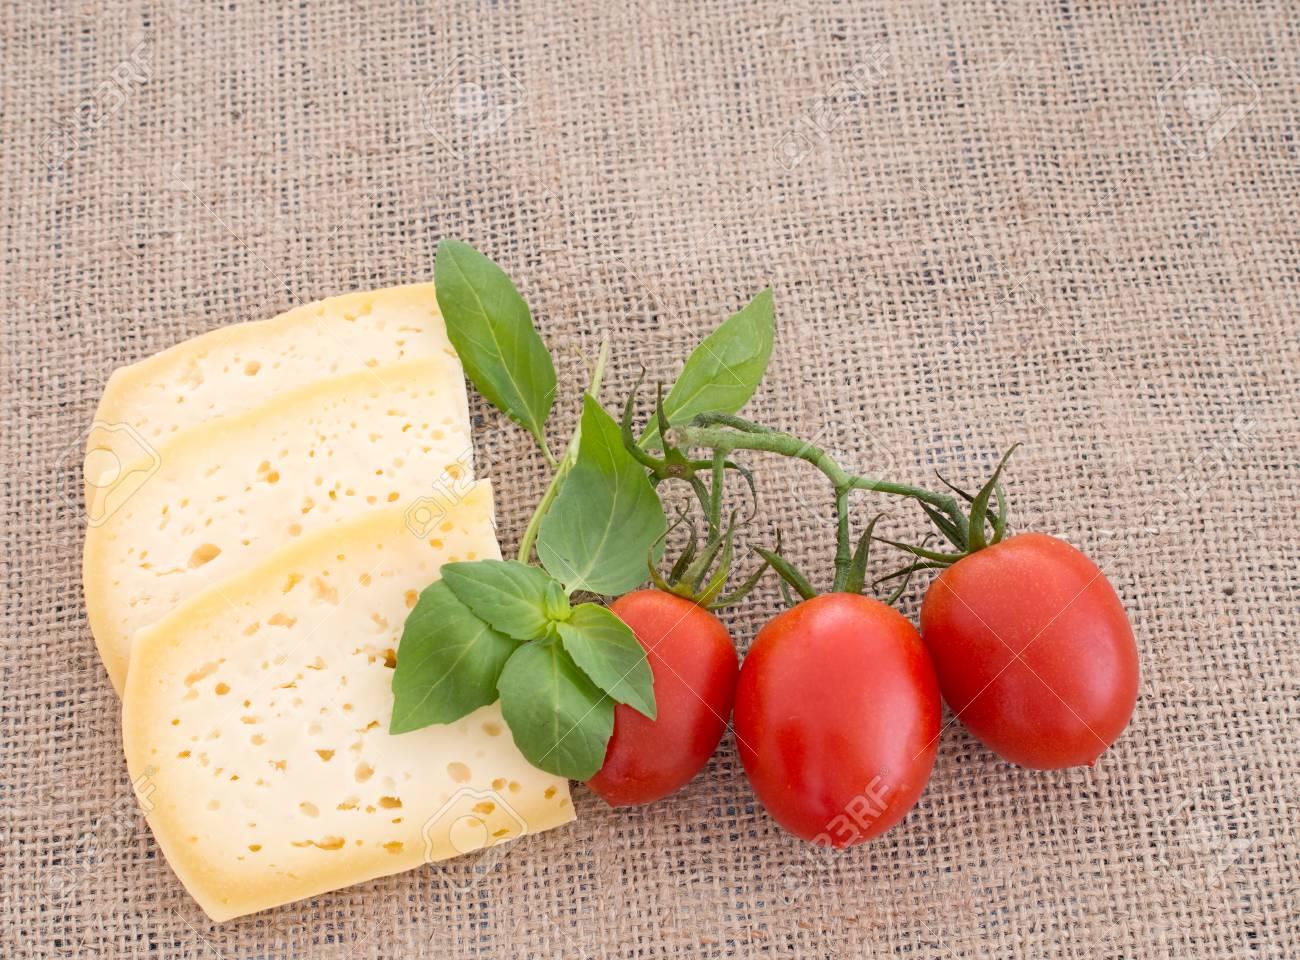 Dieta mediterranea y queso